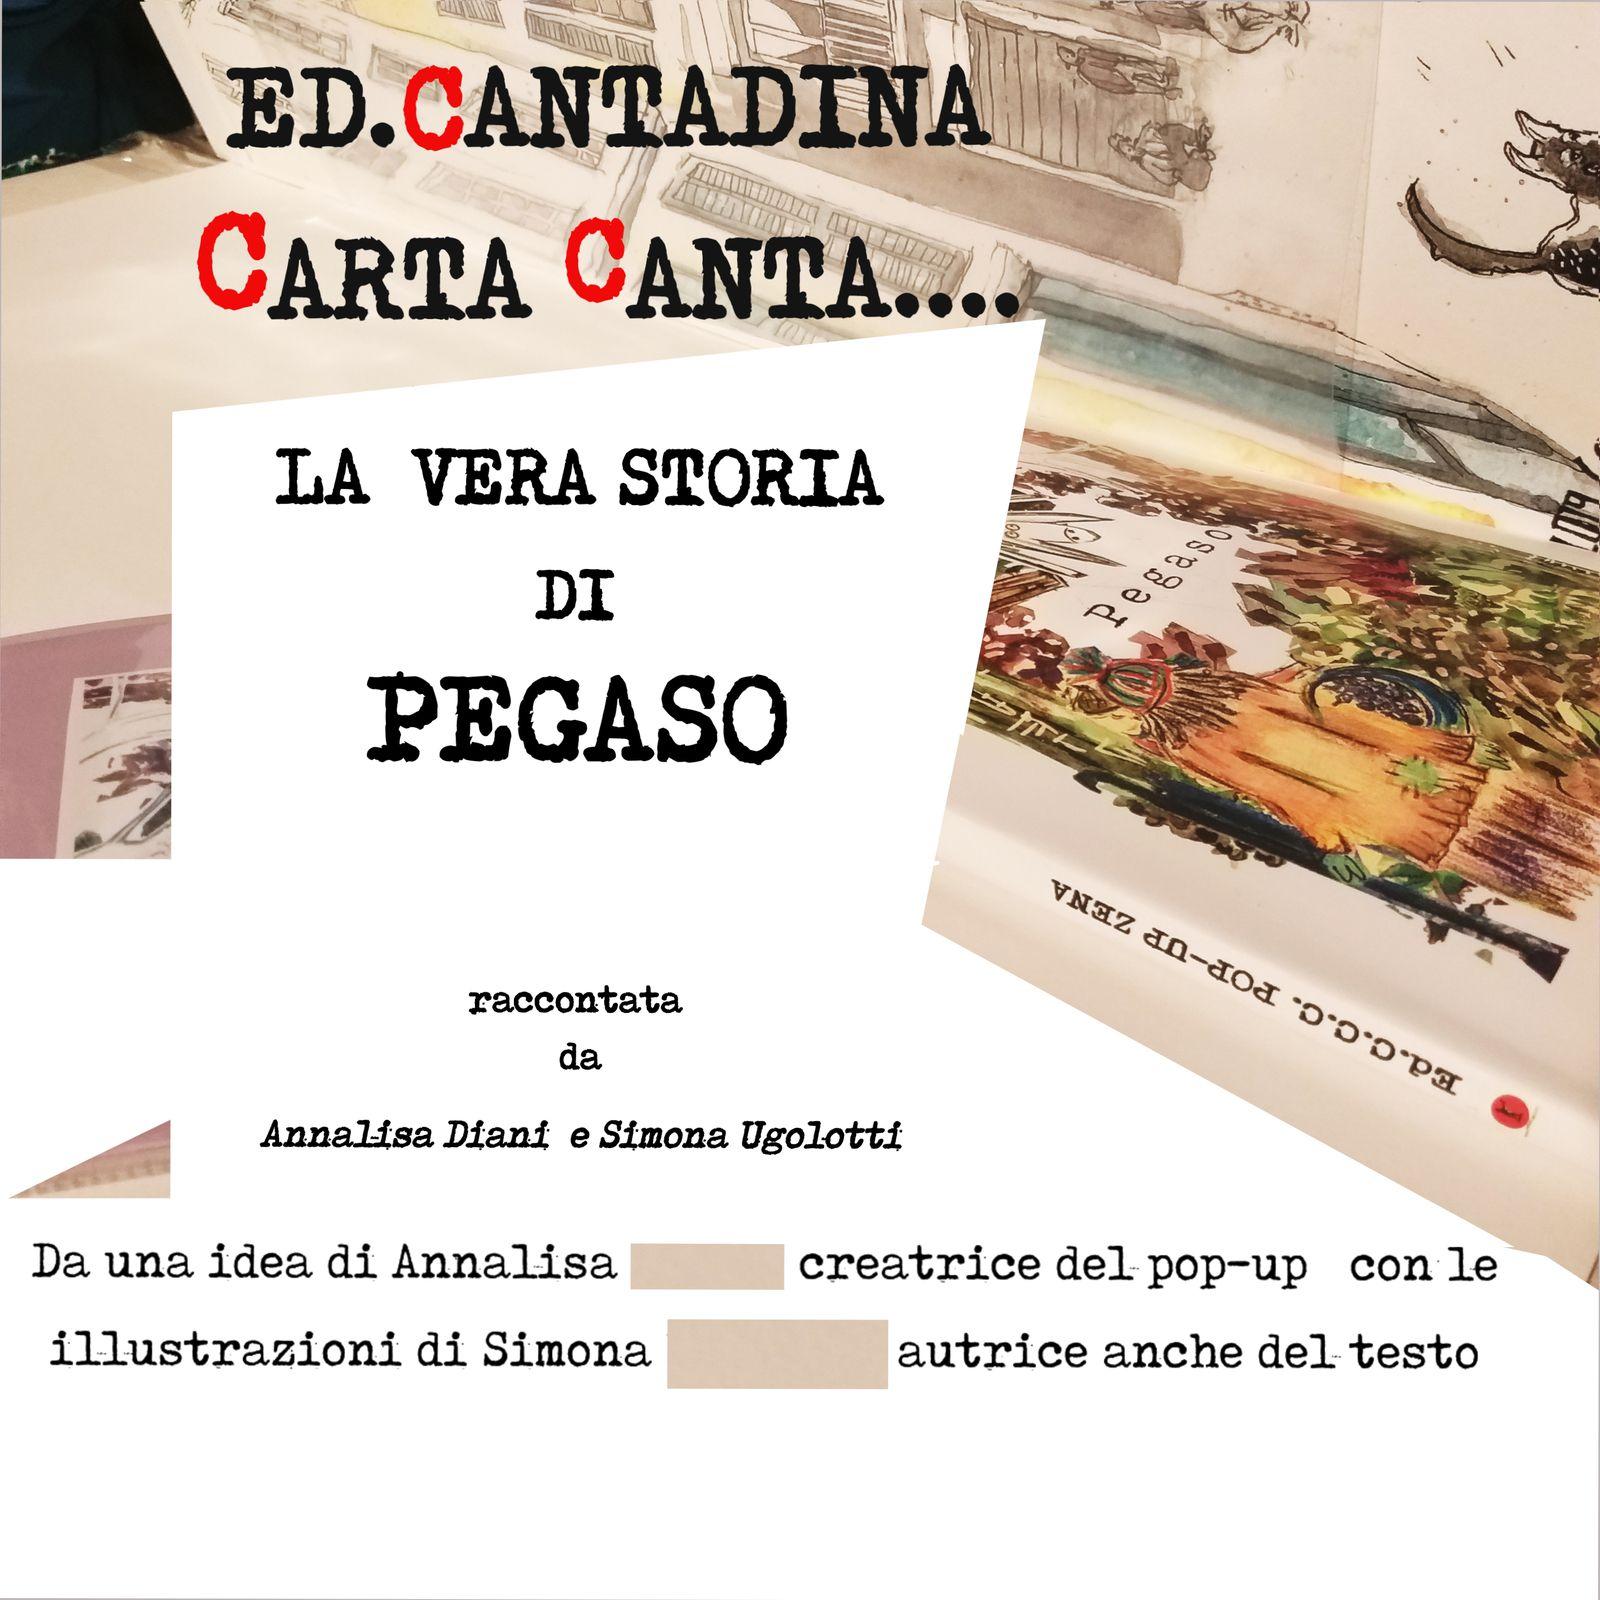 Libro Pop-Up con la vera storia di Pegaso l'asinello